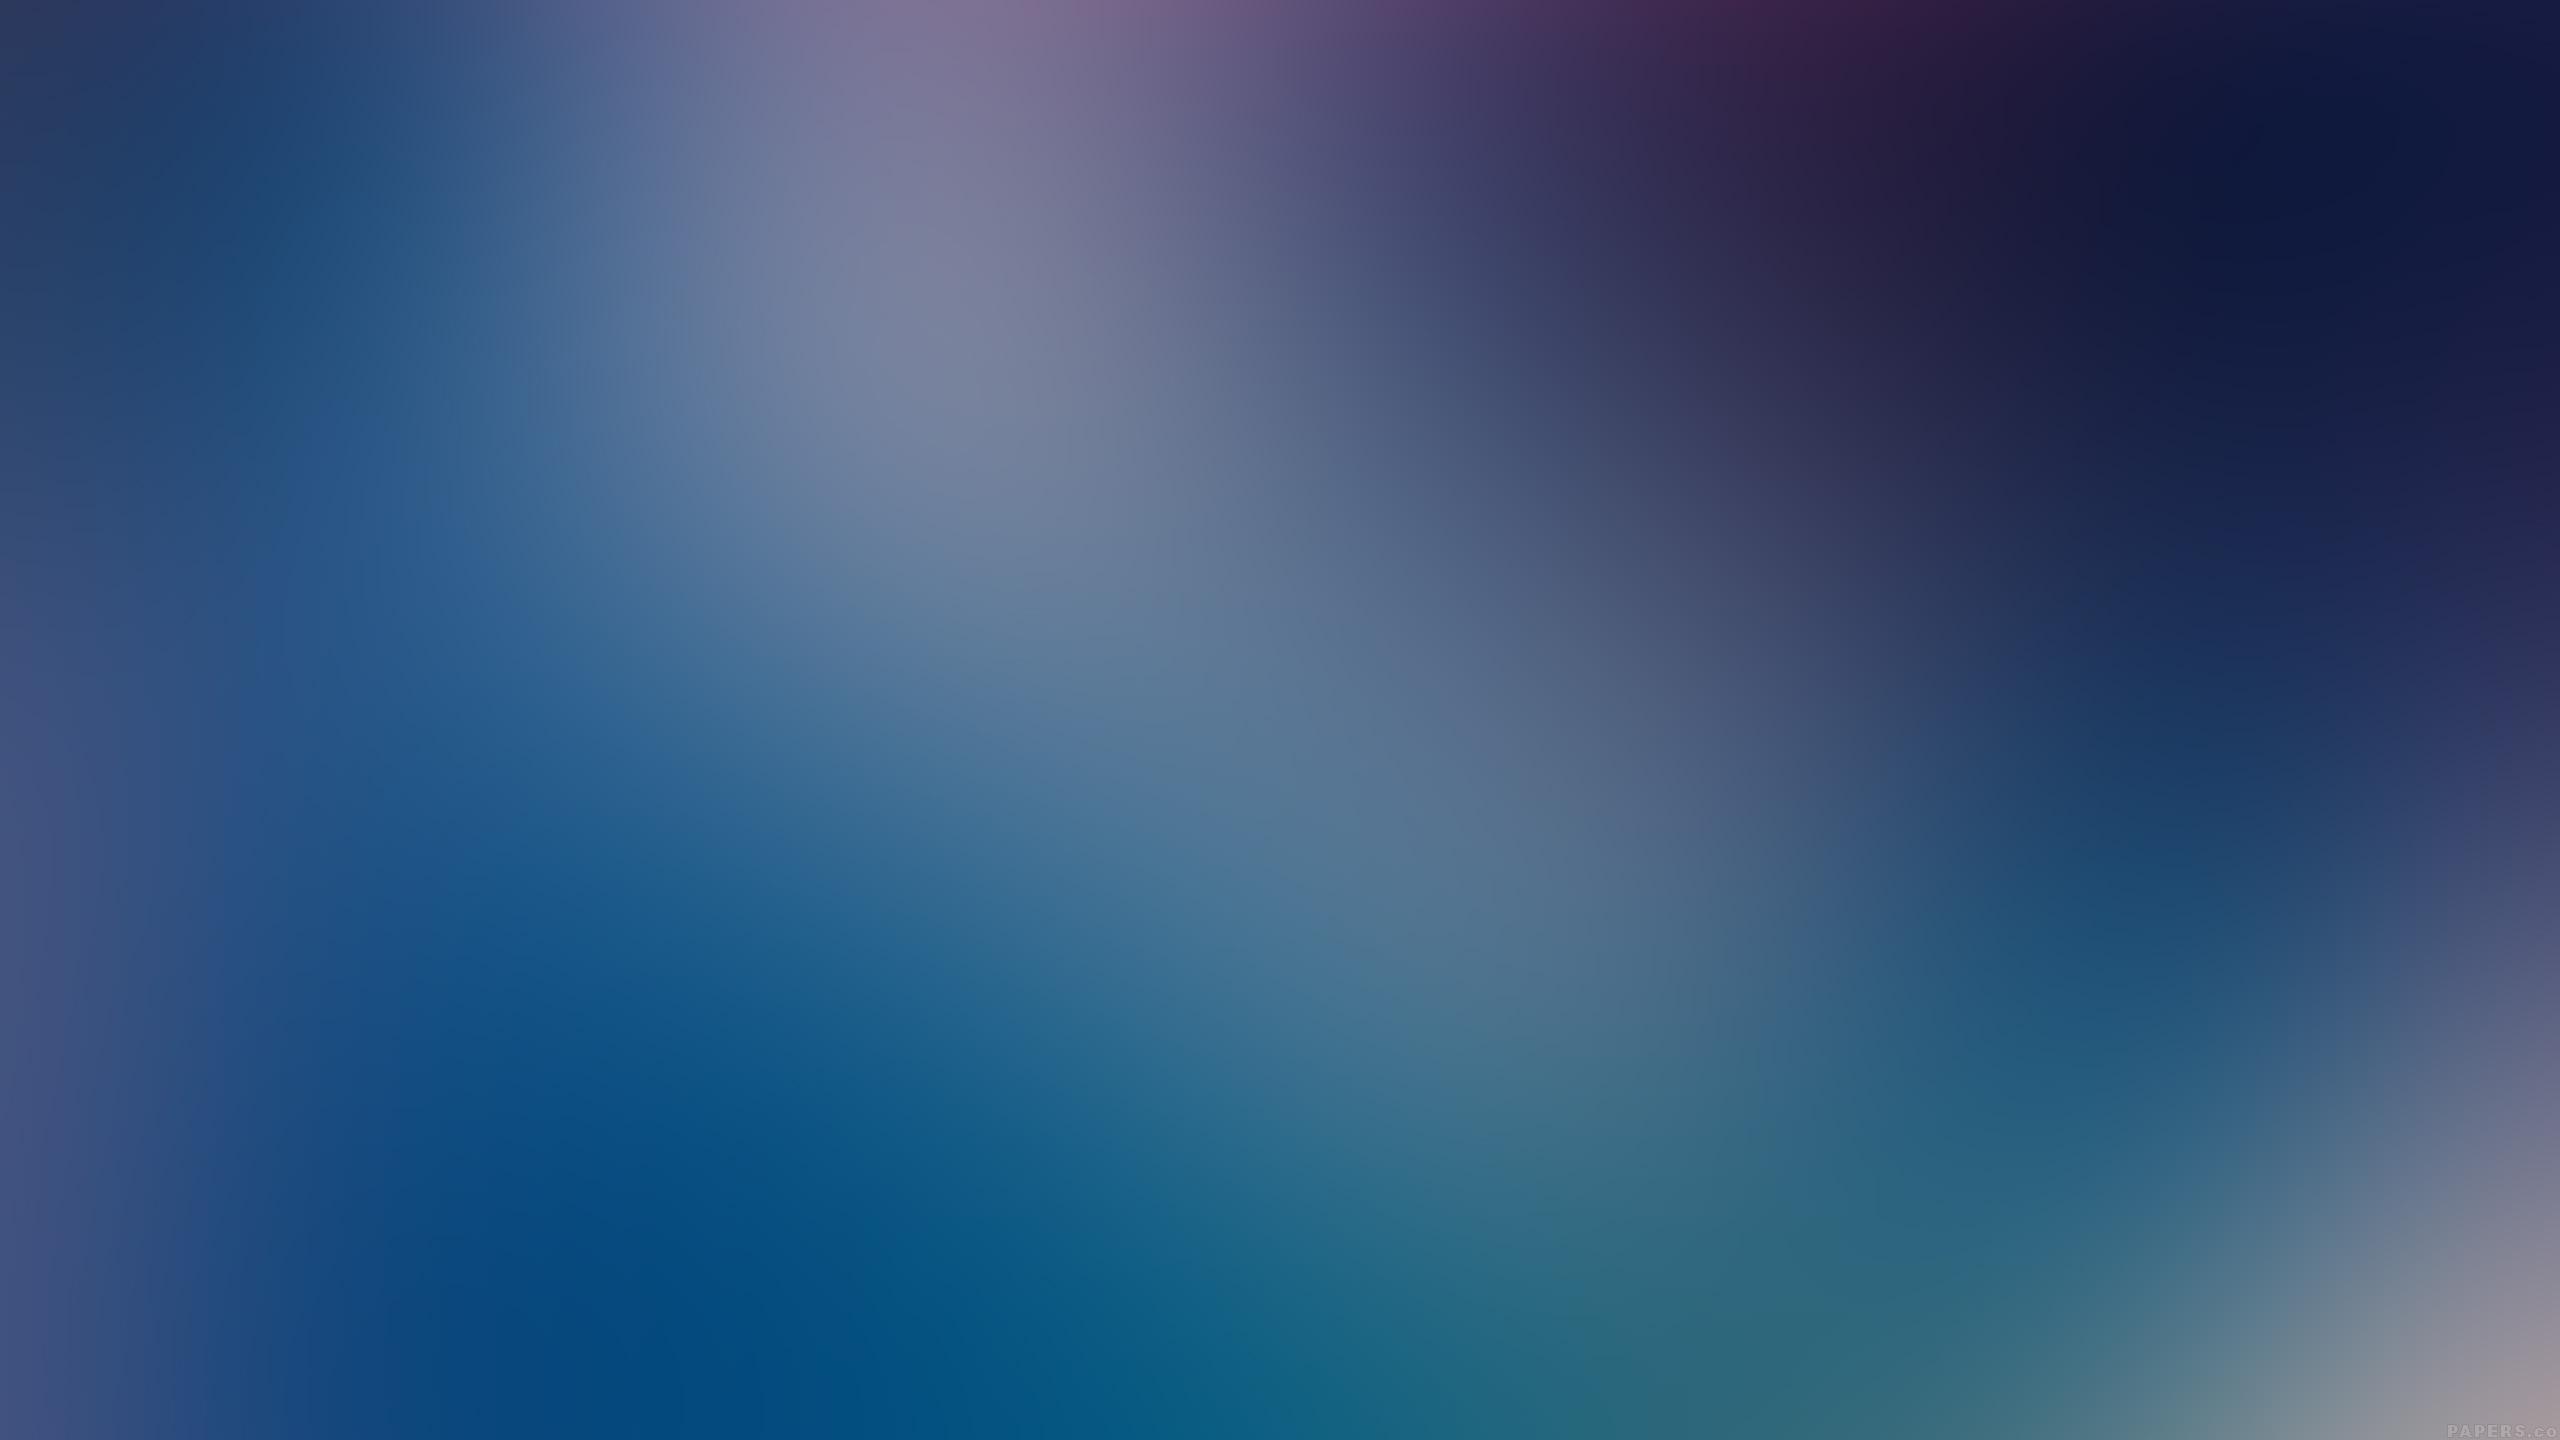 背景 壁纸 风景 皮肤 天空 星空 宇宙 桌面 2560_1440